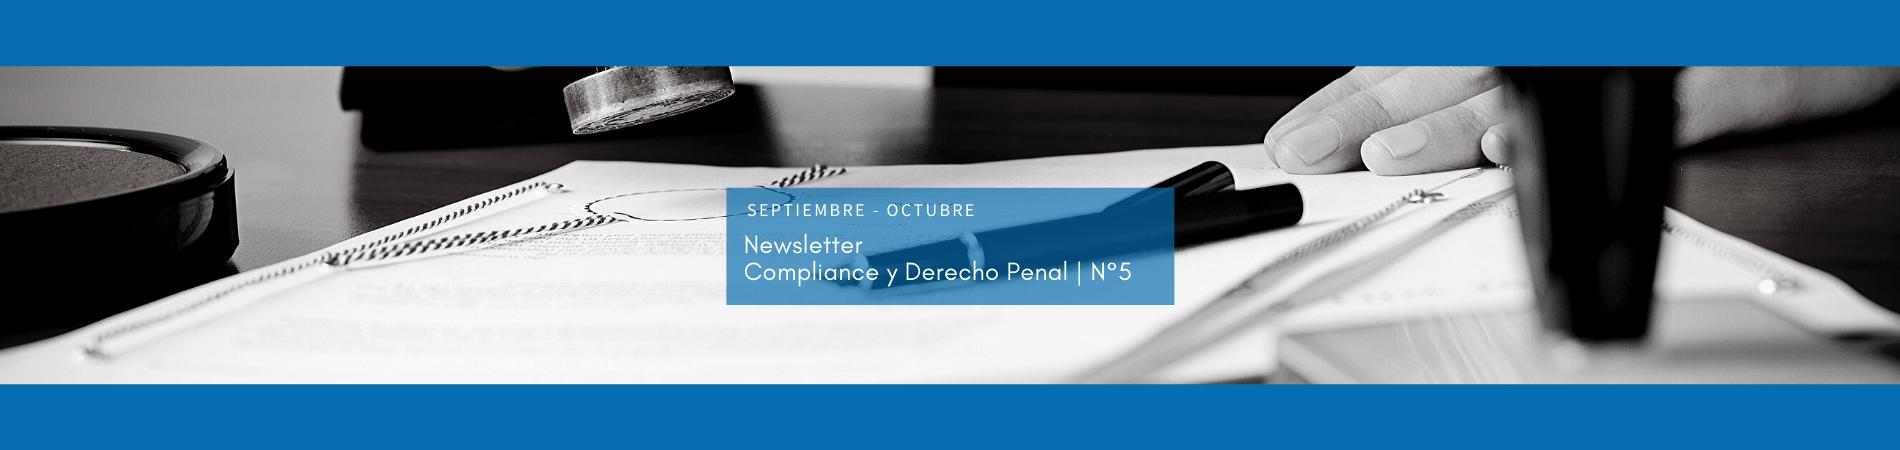 Newsletter de Compliance y Derecho Penal N° 5 (septiembre – octubre )